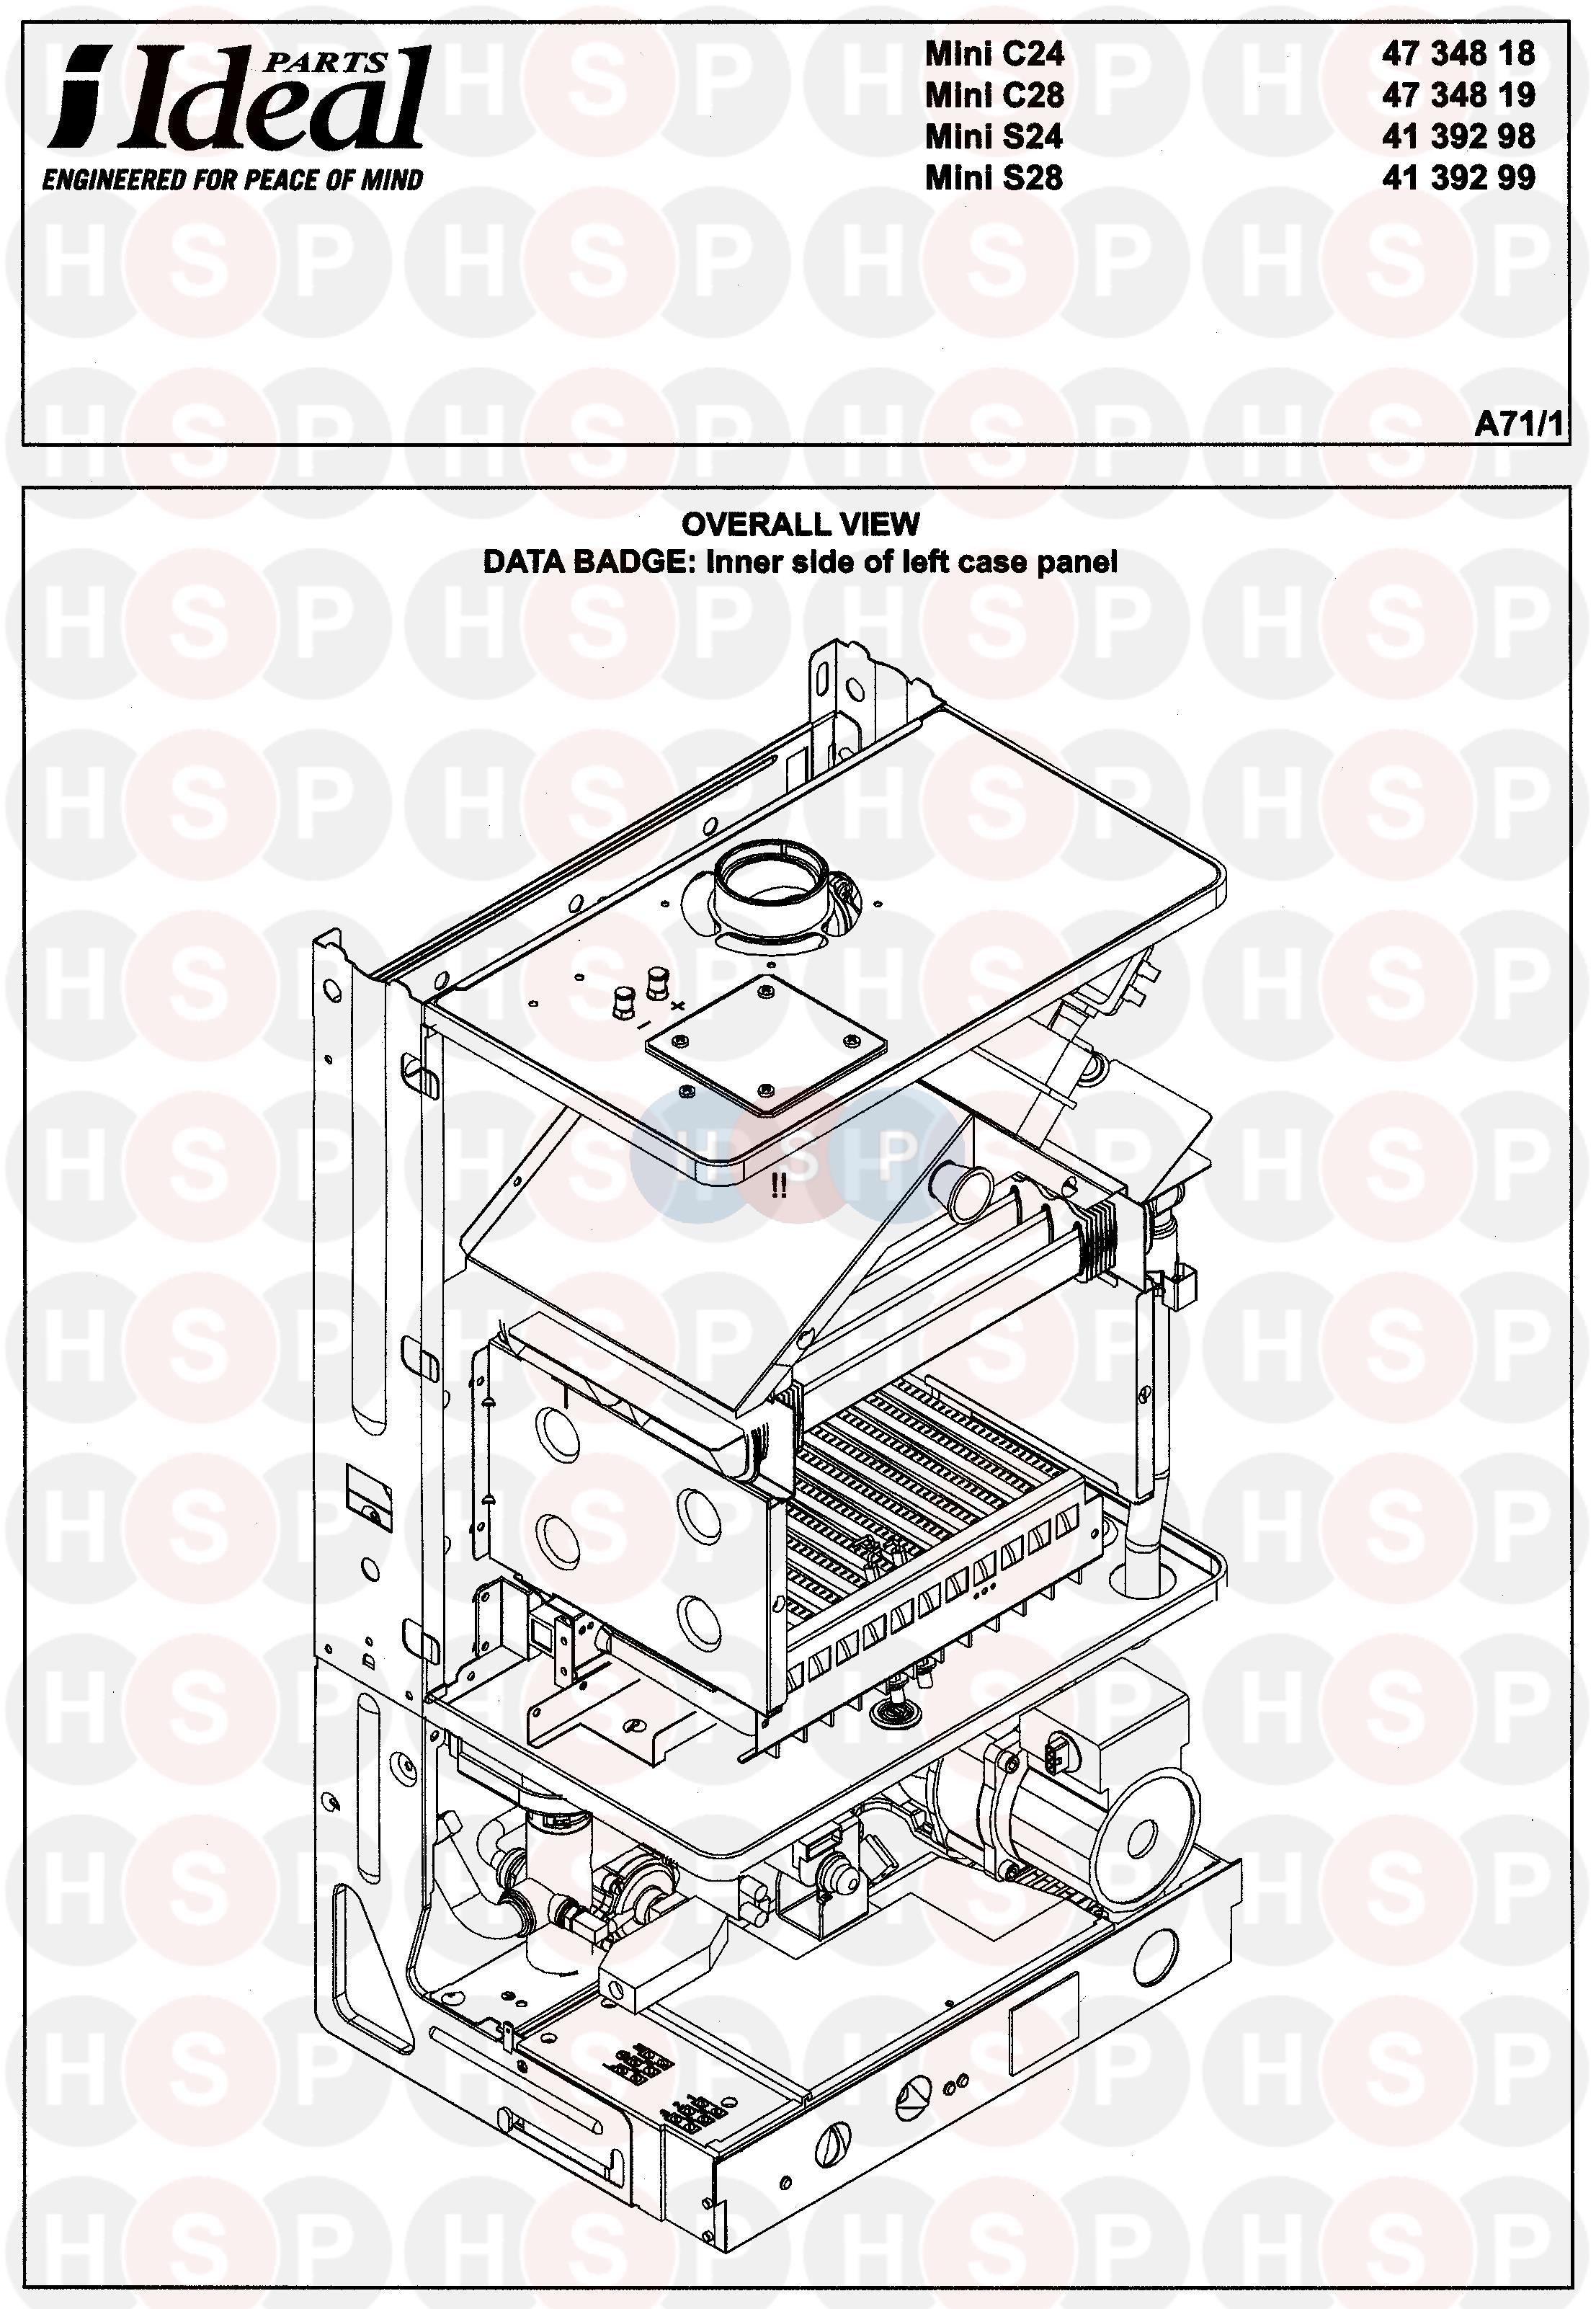 Ideal Mini C28  Boiler  Diagram